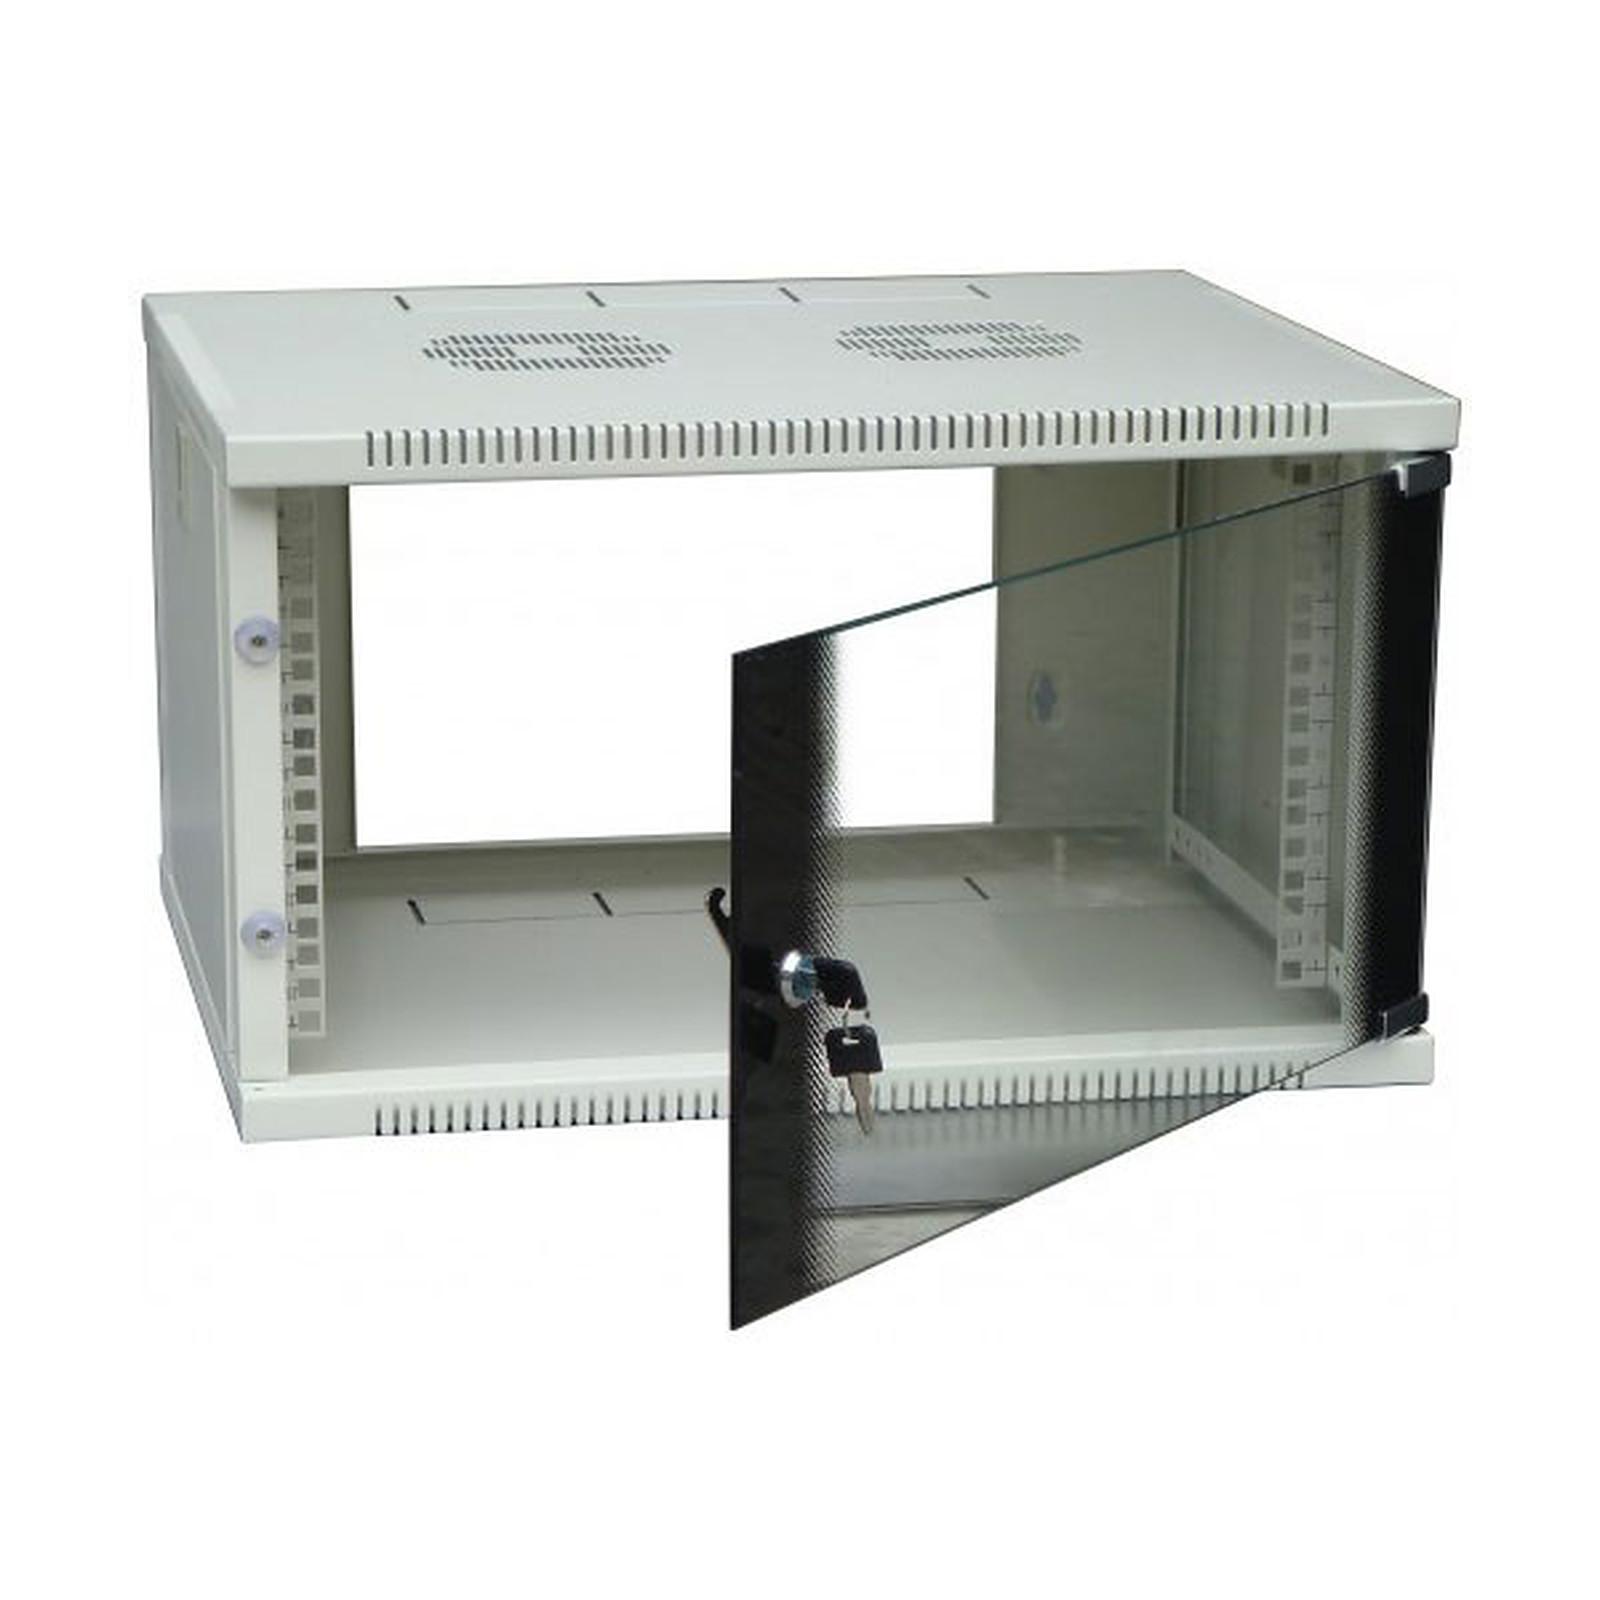 Dexlan coffret réseau - fixe - largeur 19'' - hauteur 12U - profondeur 45 cm - charge utile 35 kg - coloris gris